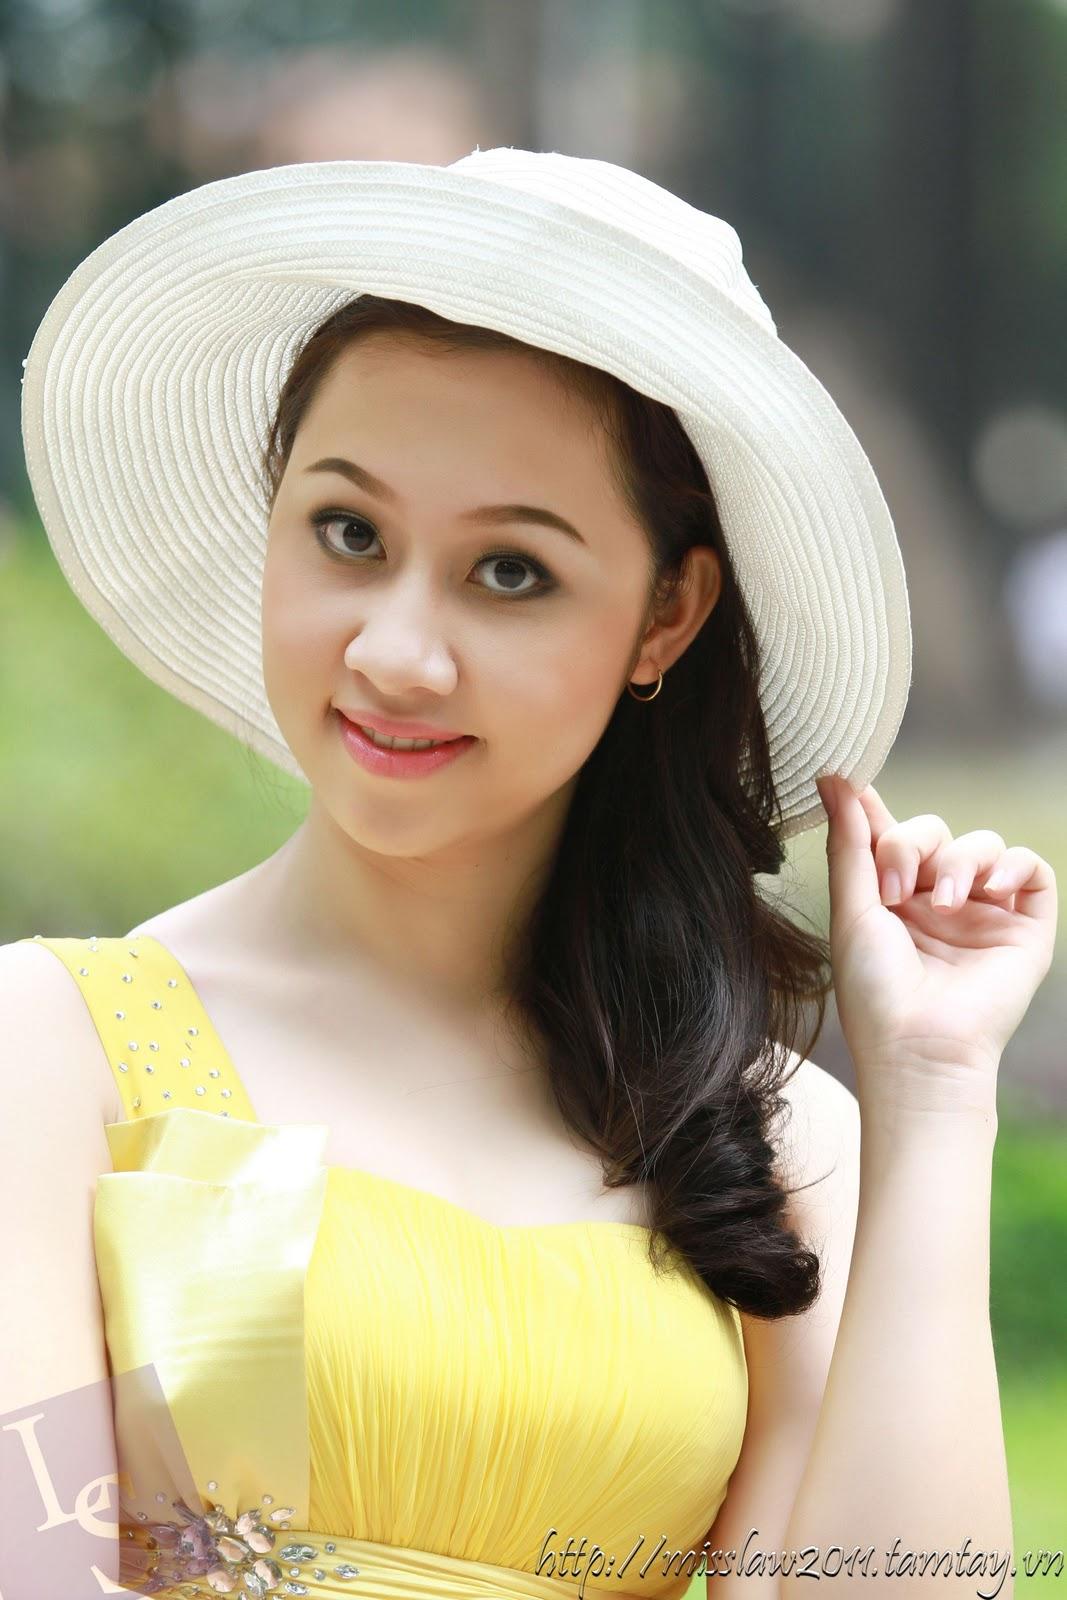 Misslaw2011 Phạm Thị Th 249 Y Linh Mxh Tầm Tay Picture